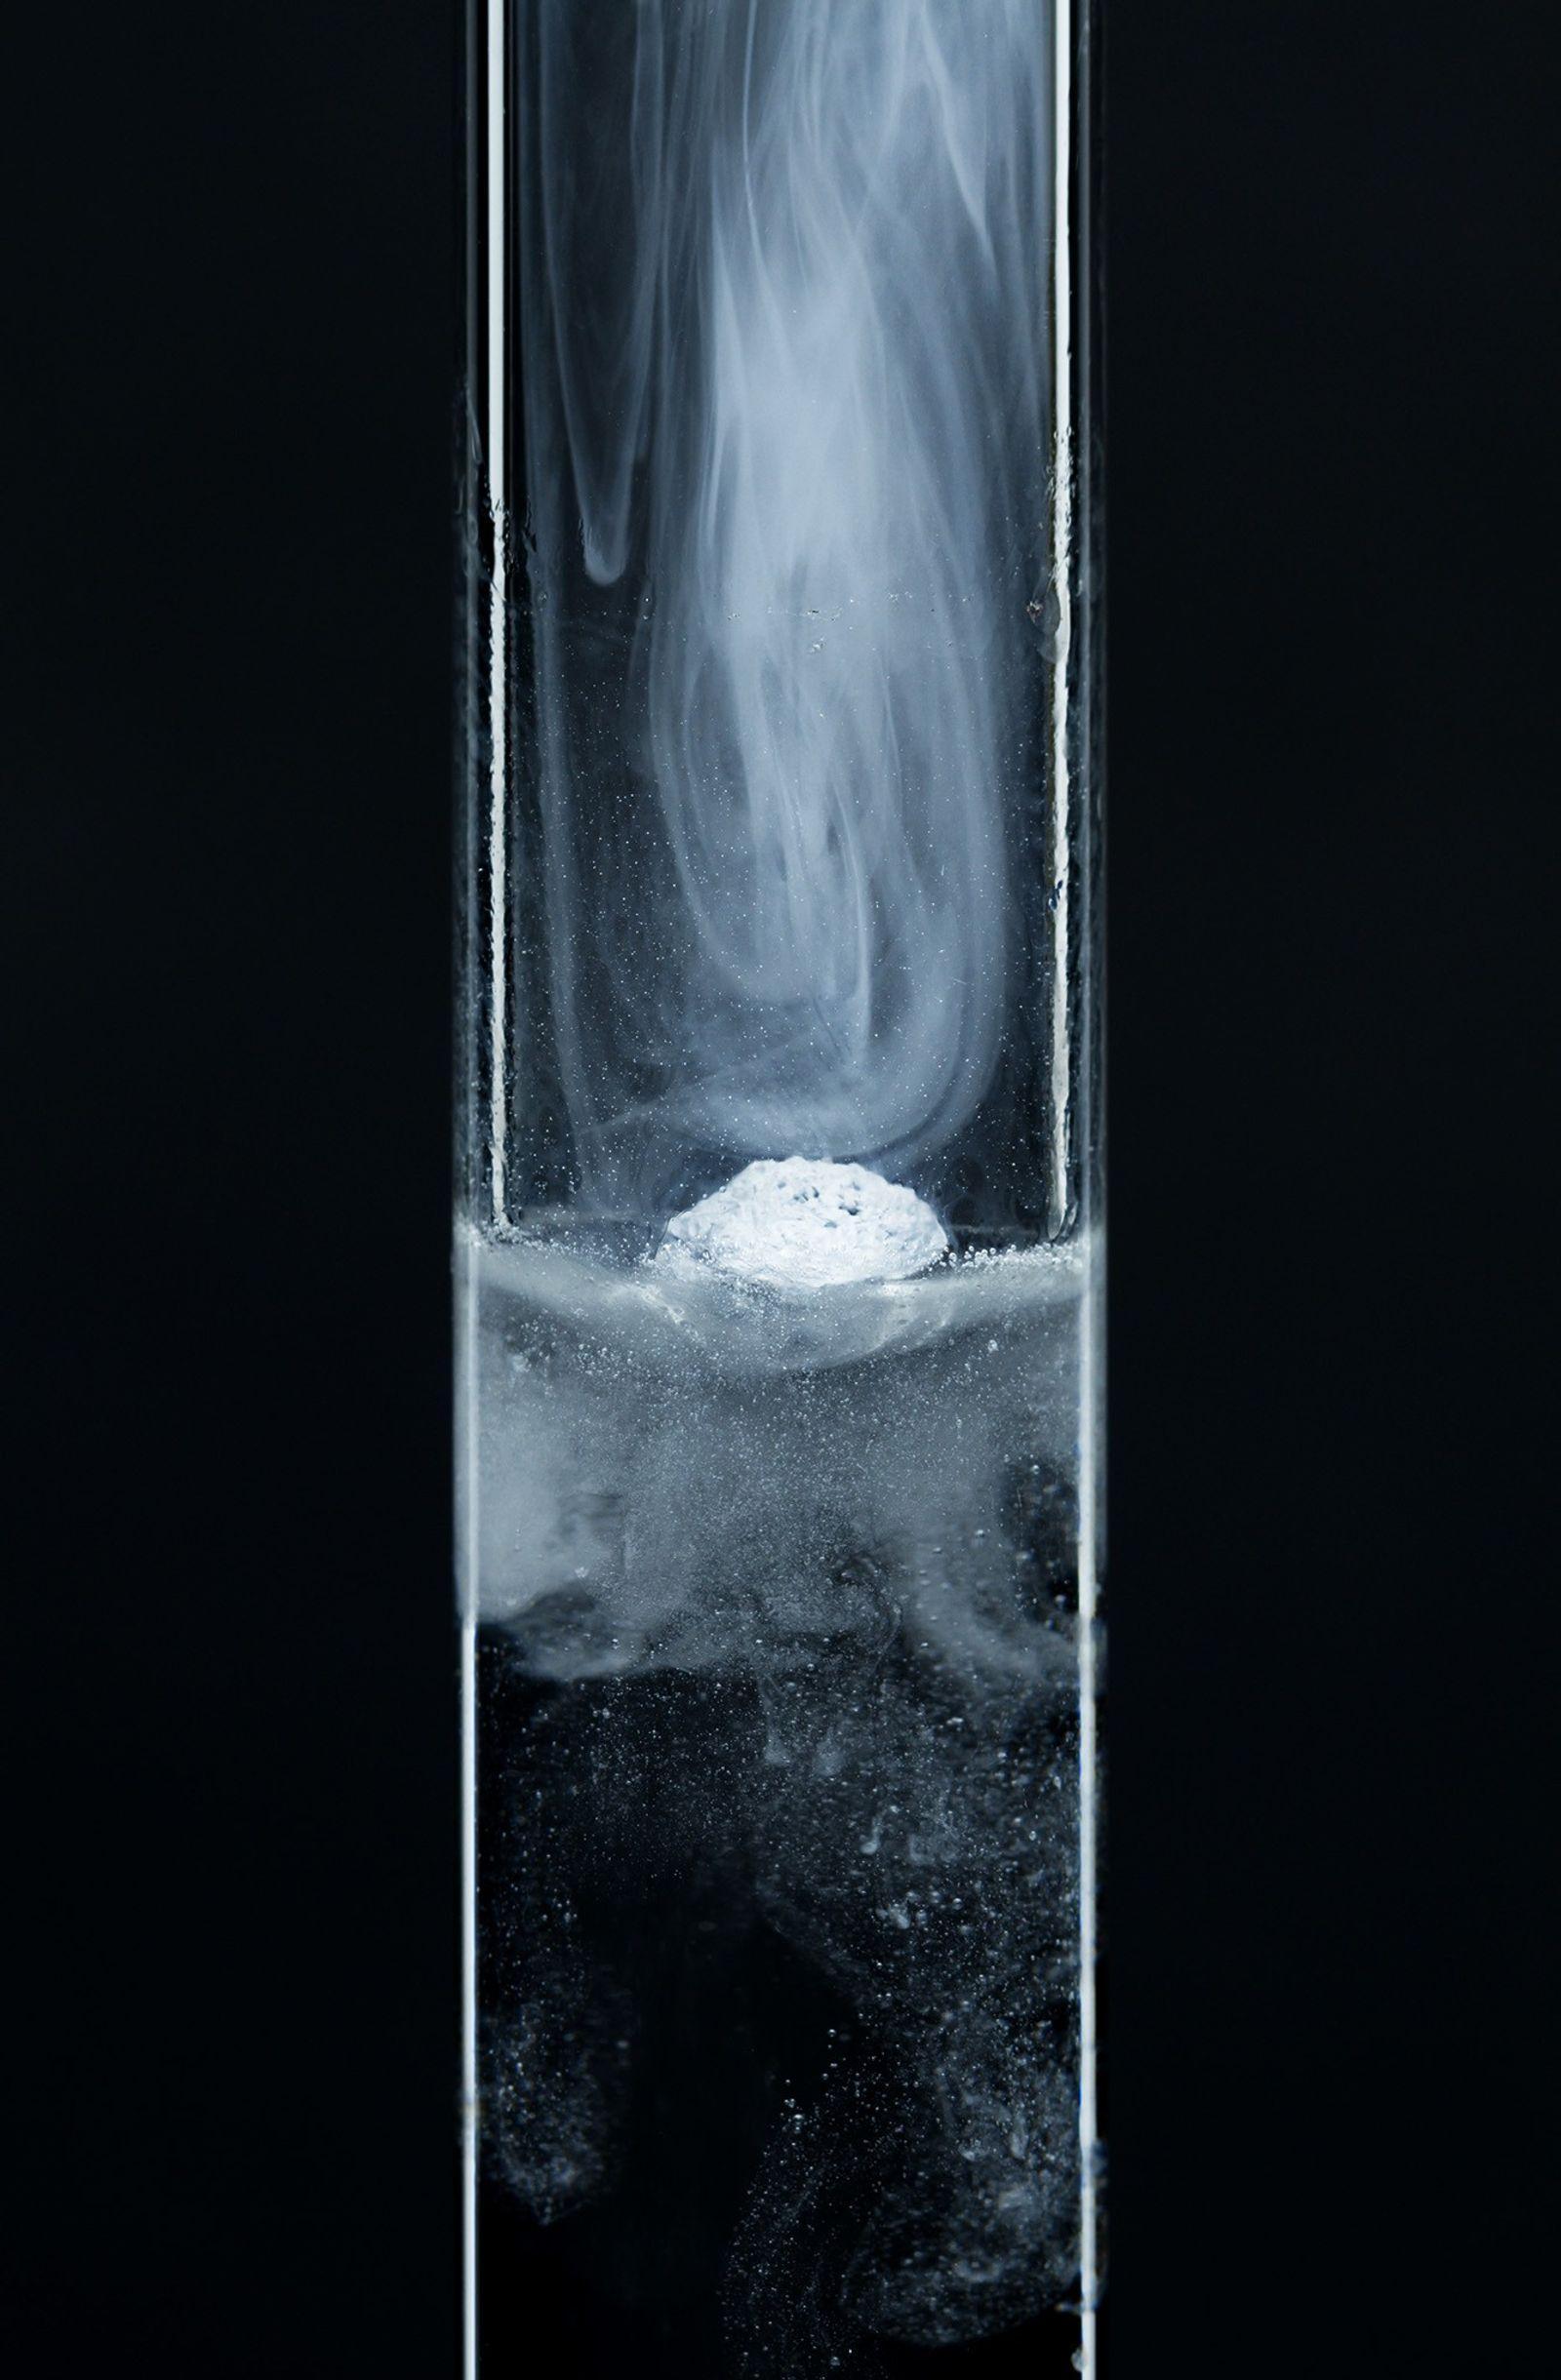 Neuer Aggregatzustand: Materie ist gleichzeitig fest und flüssig